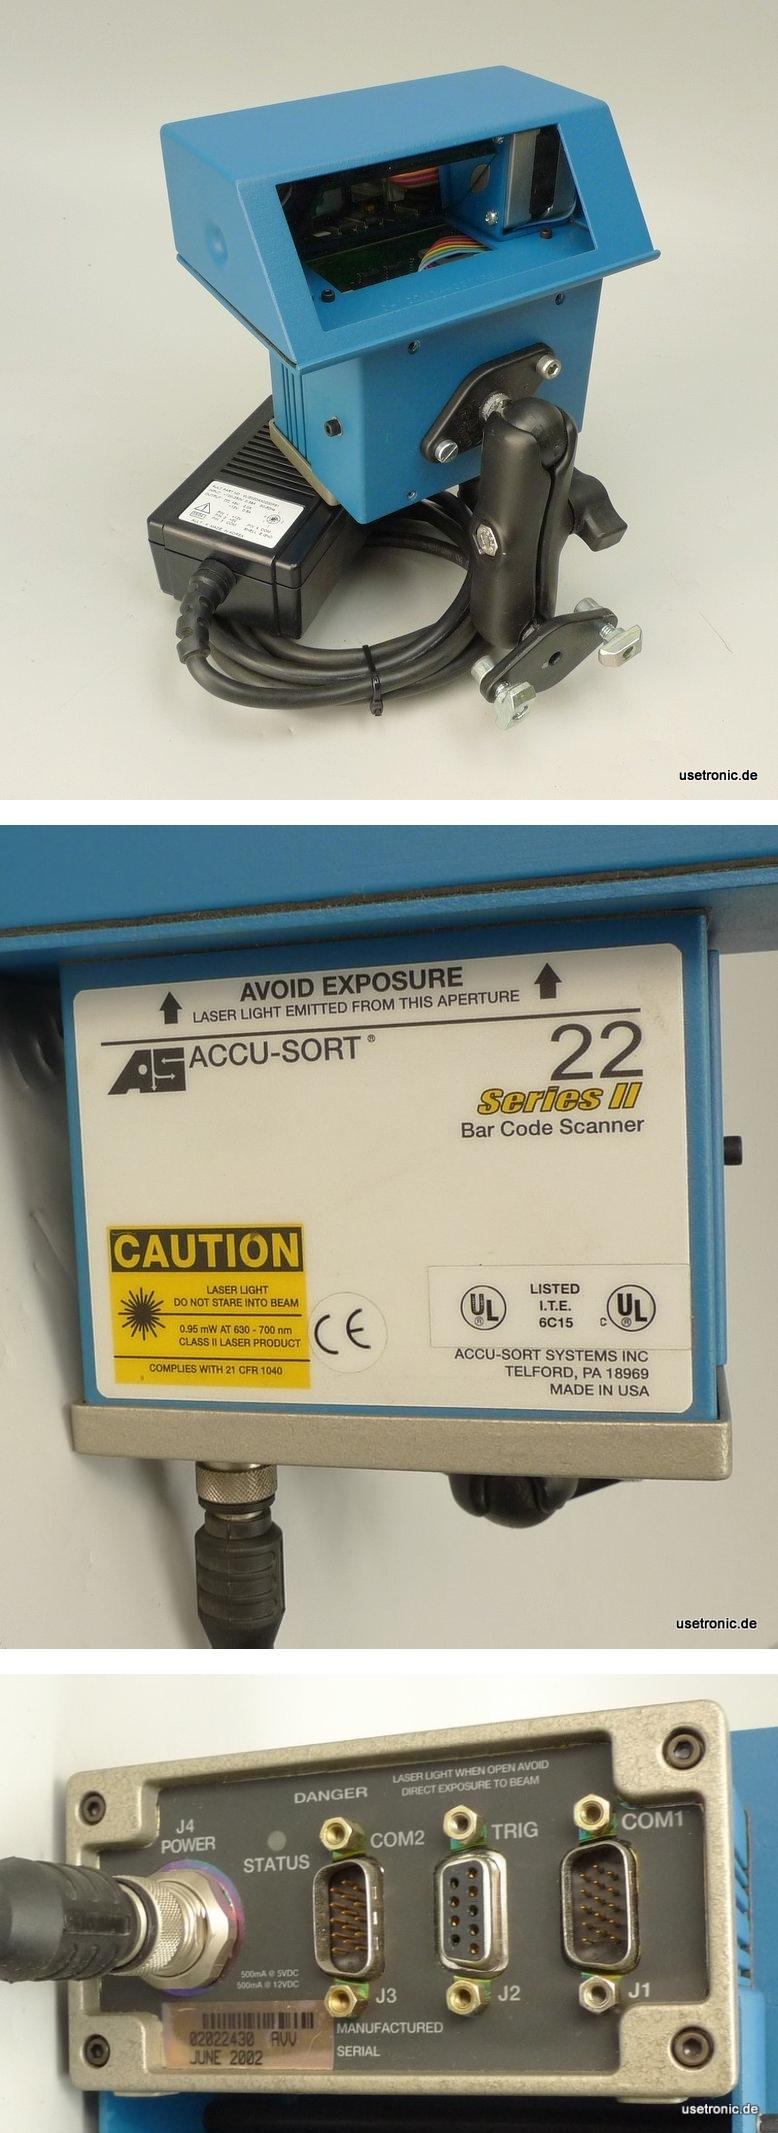 AS Accu Sort 22 Series II Barcode Scanner